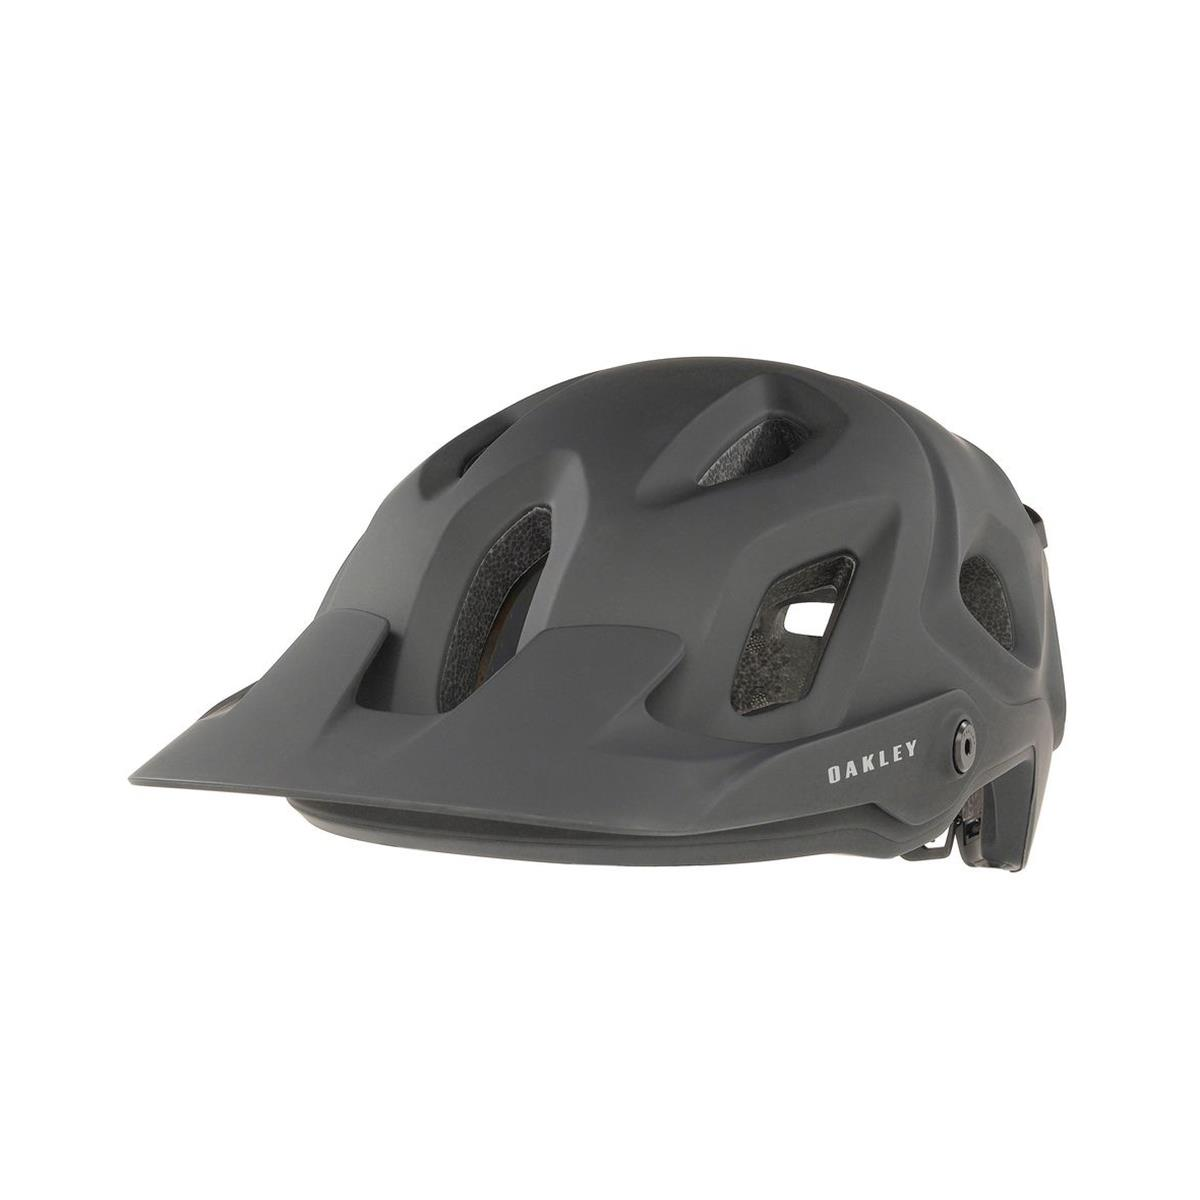 Oakley MTB-Helm DRT5 Blackout